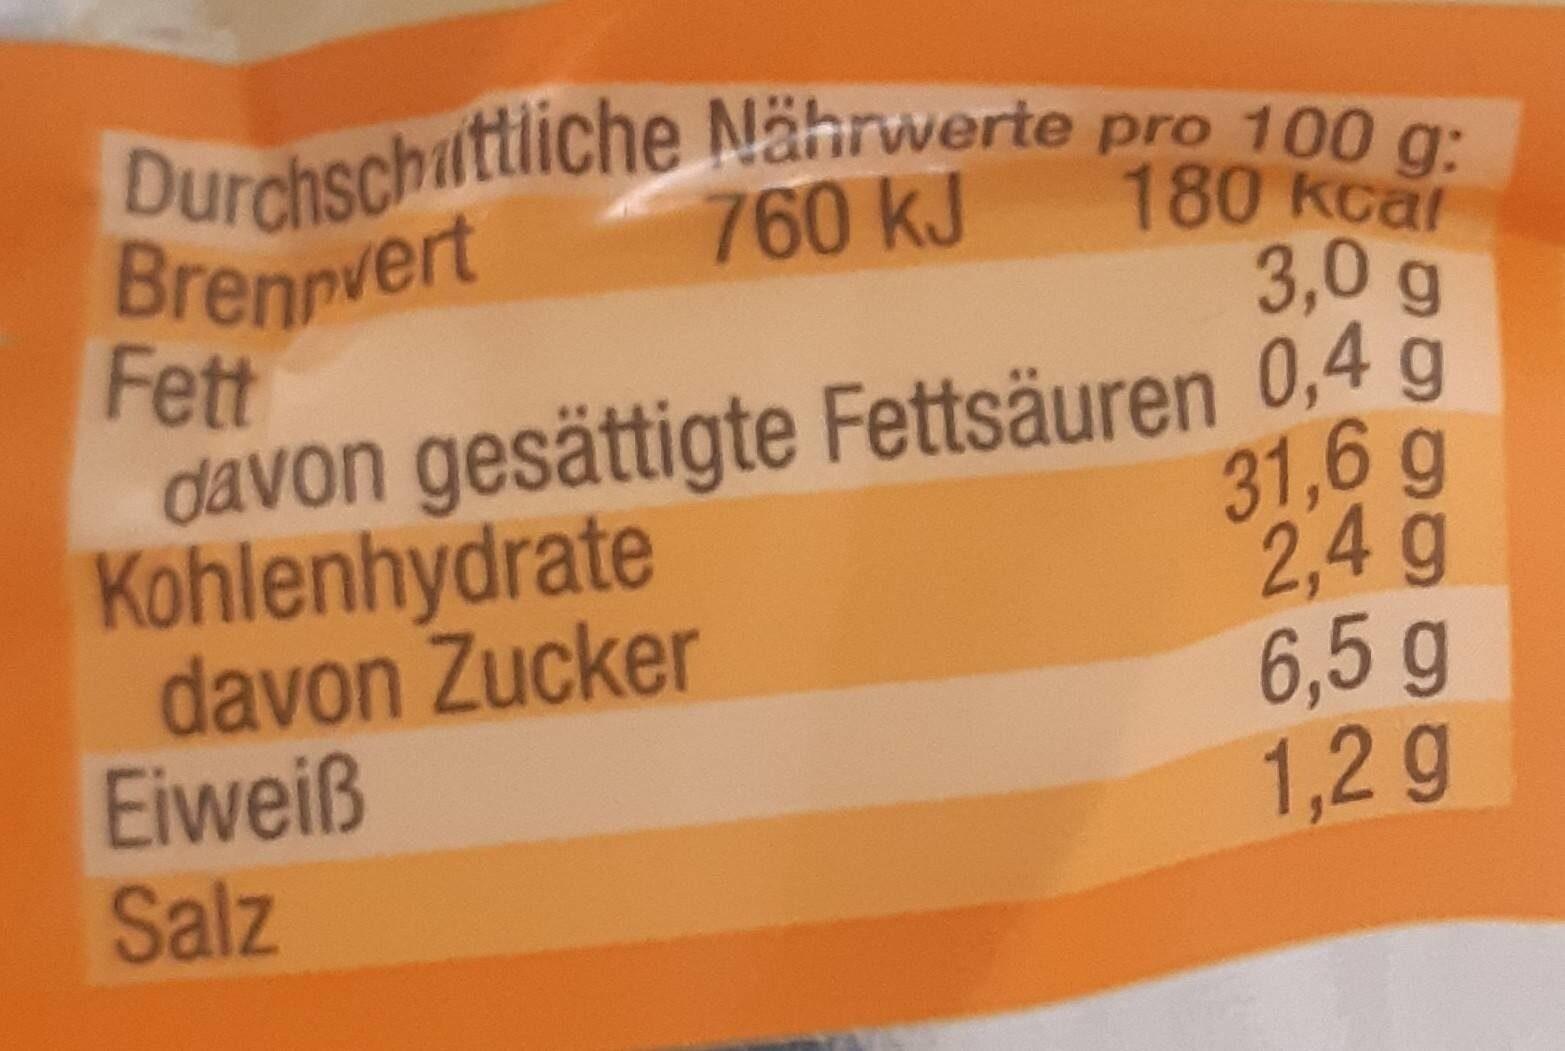 Gemüse Maultaschen - Valori nutrizionali - de